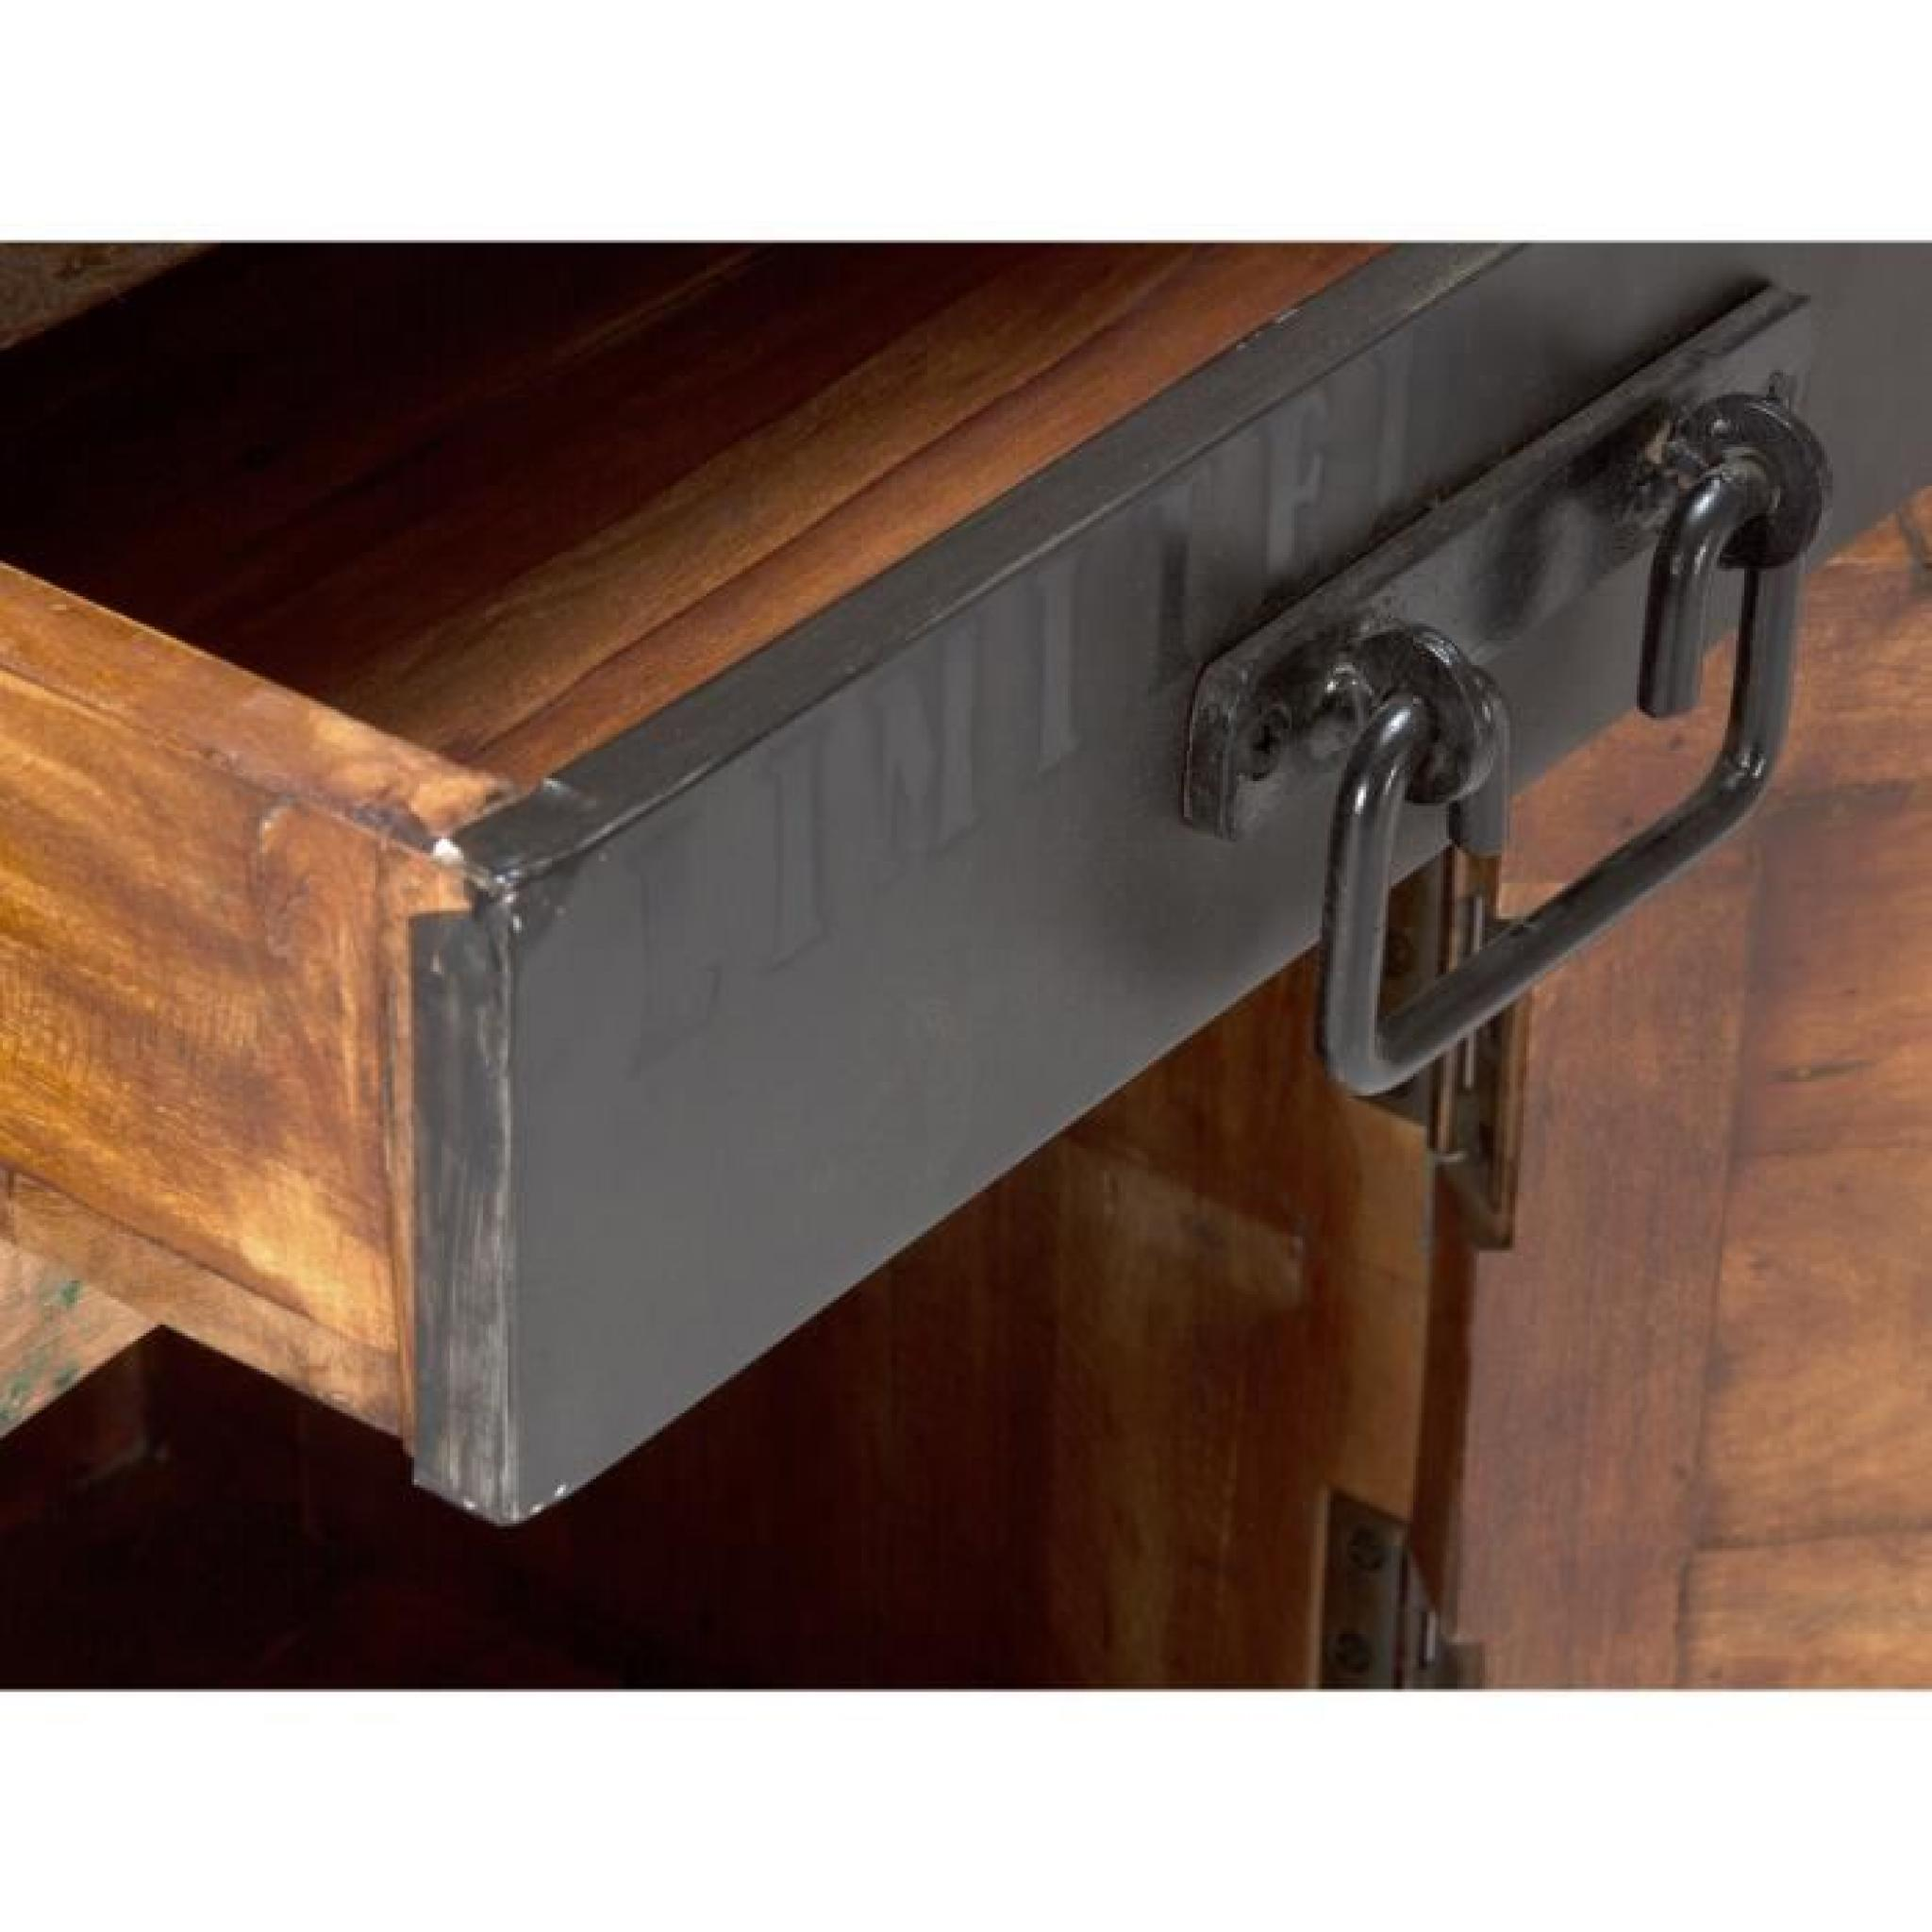 armoire basse qu bec en bois dur multicolore achat vente armoire de chambre pas cher couleur. Black Bedroom Furniture Sets. Home Design Ideas